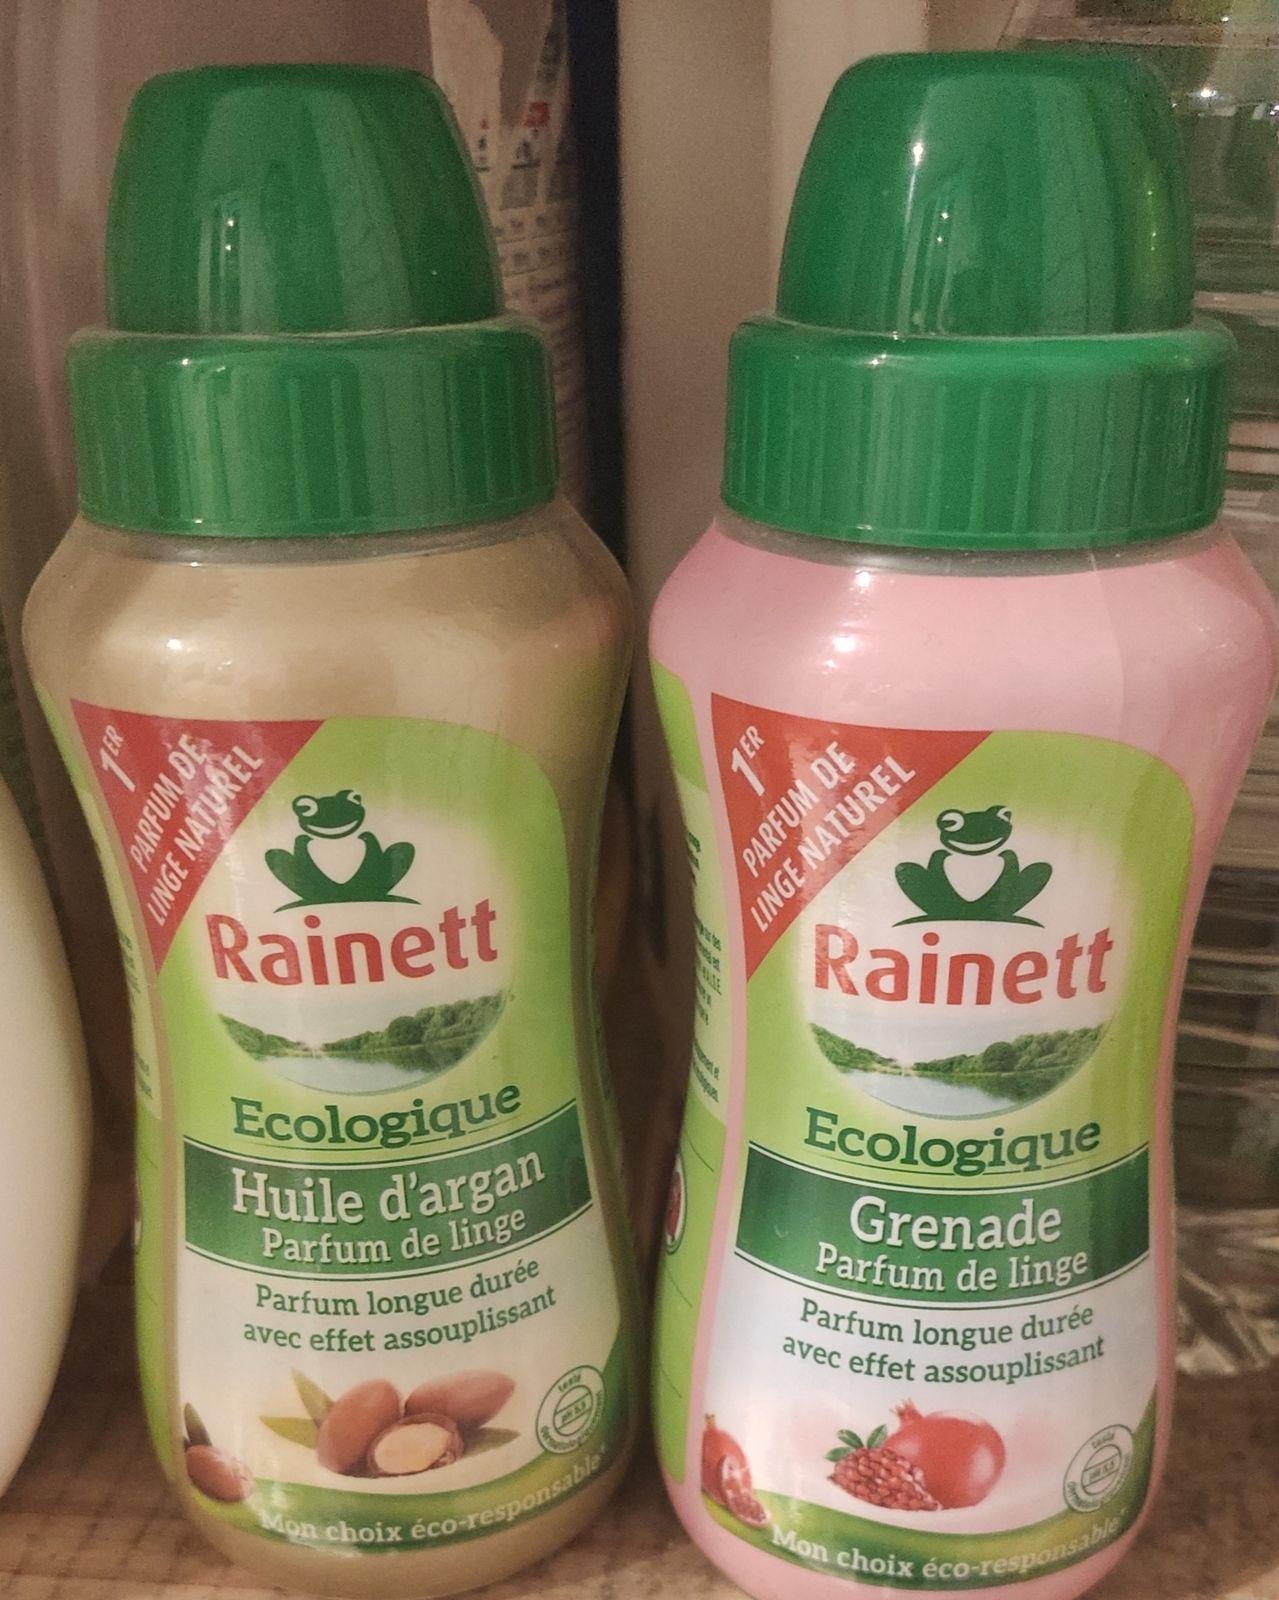 Rainett les produits écolos riment  avec confinement.